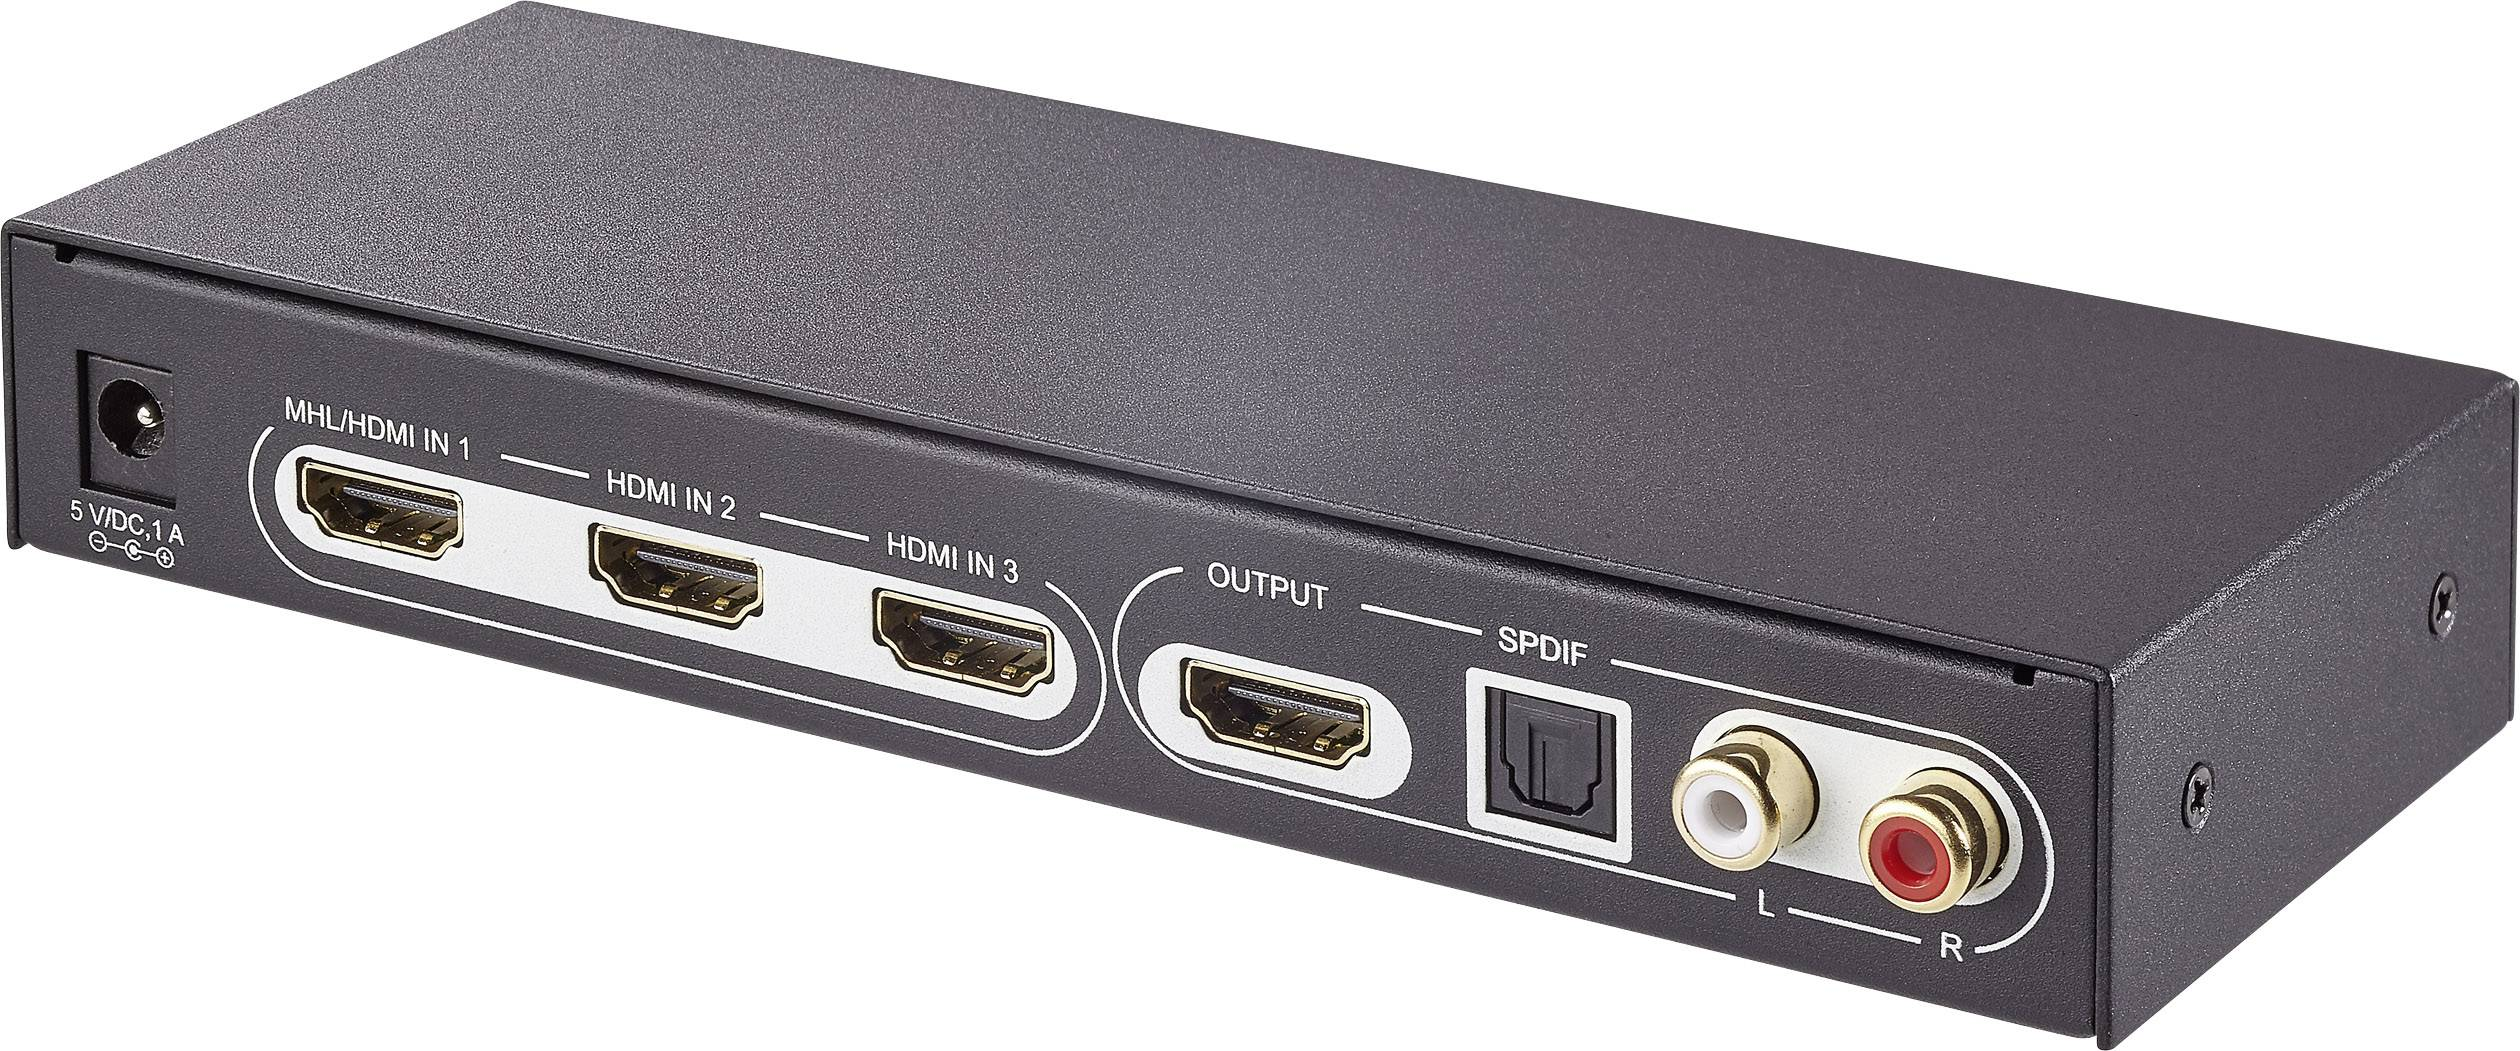 HDMI přepínač SpeaKa Professional SP-5441116, 3 porty